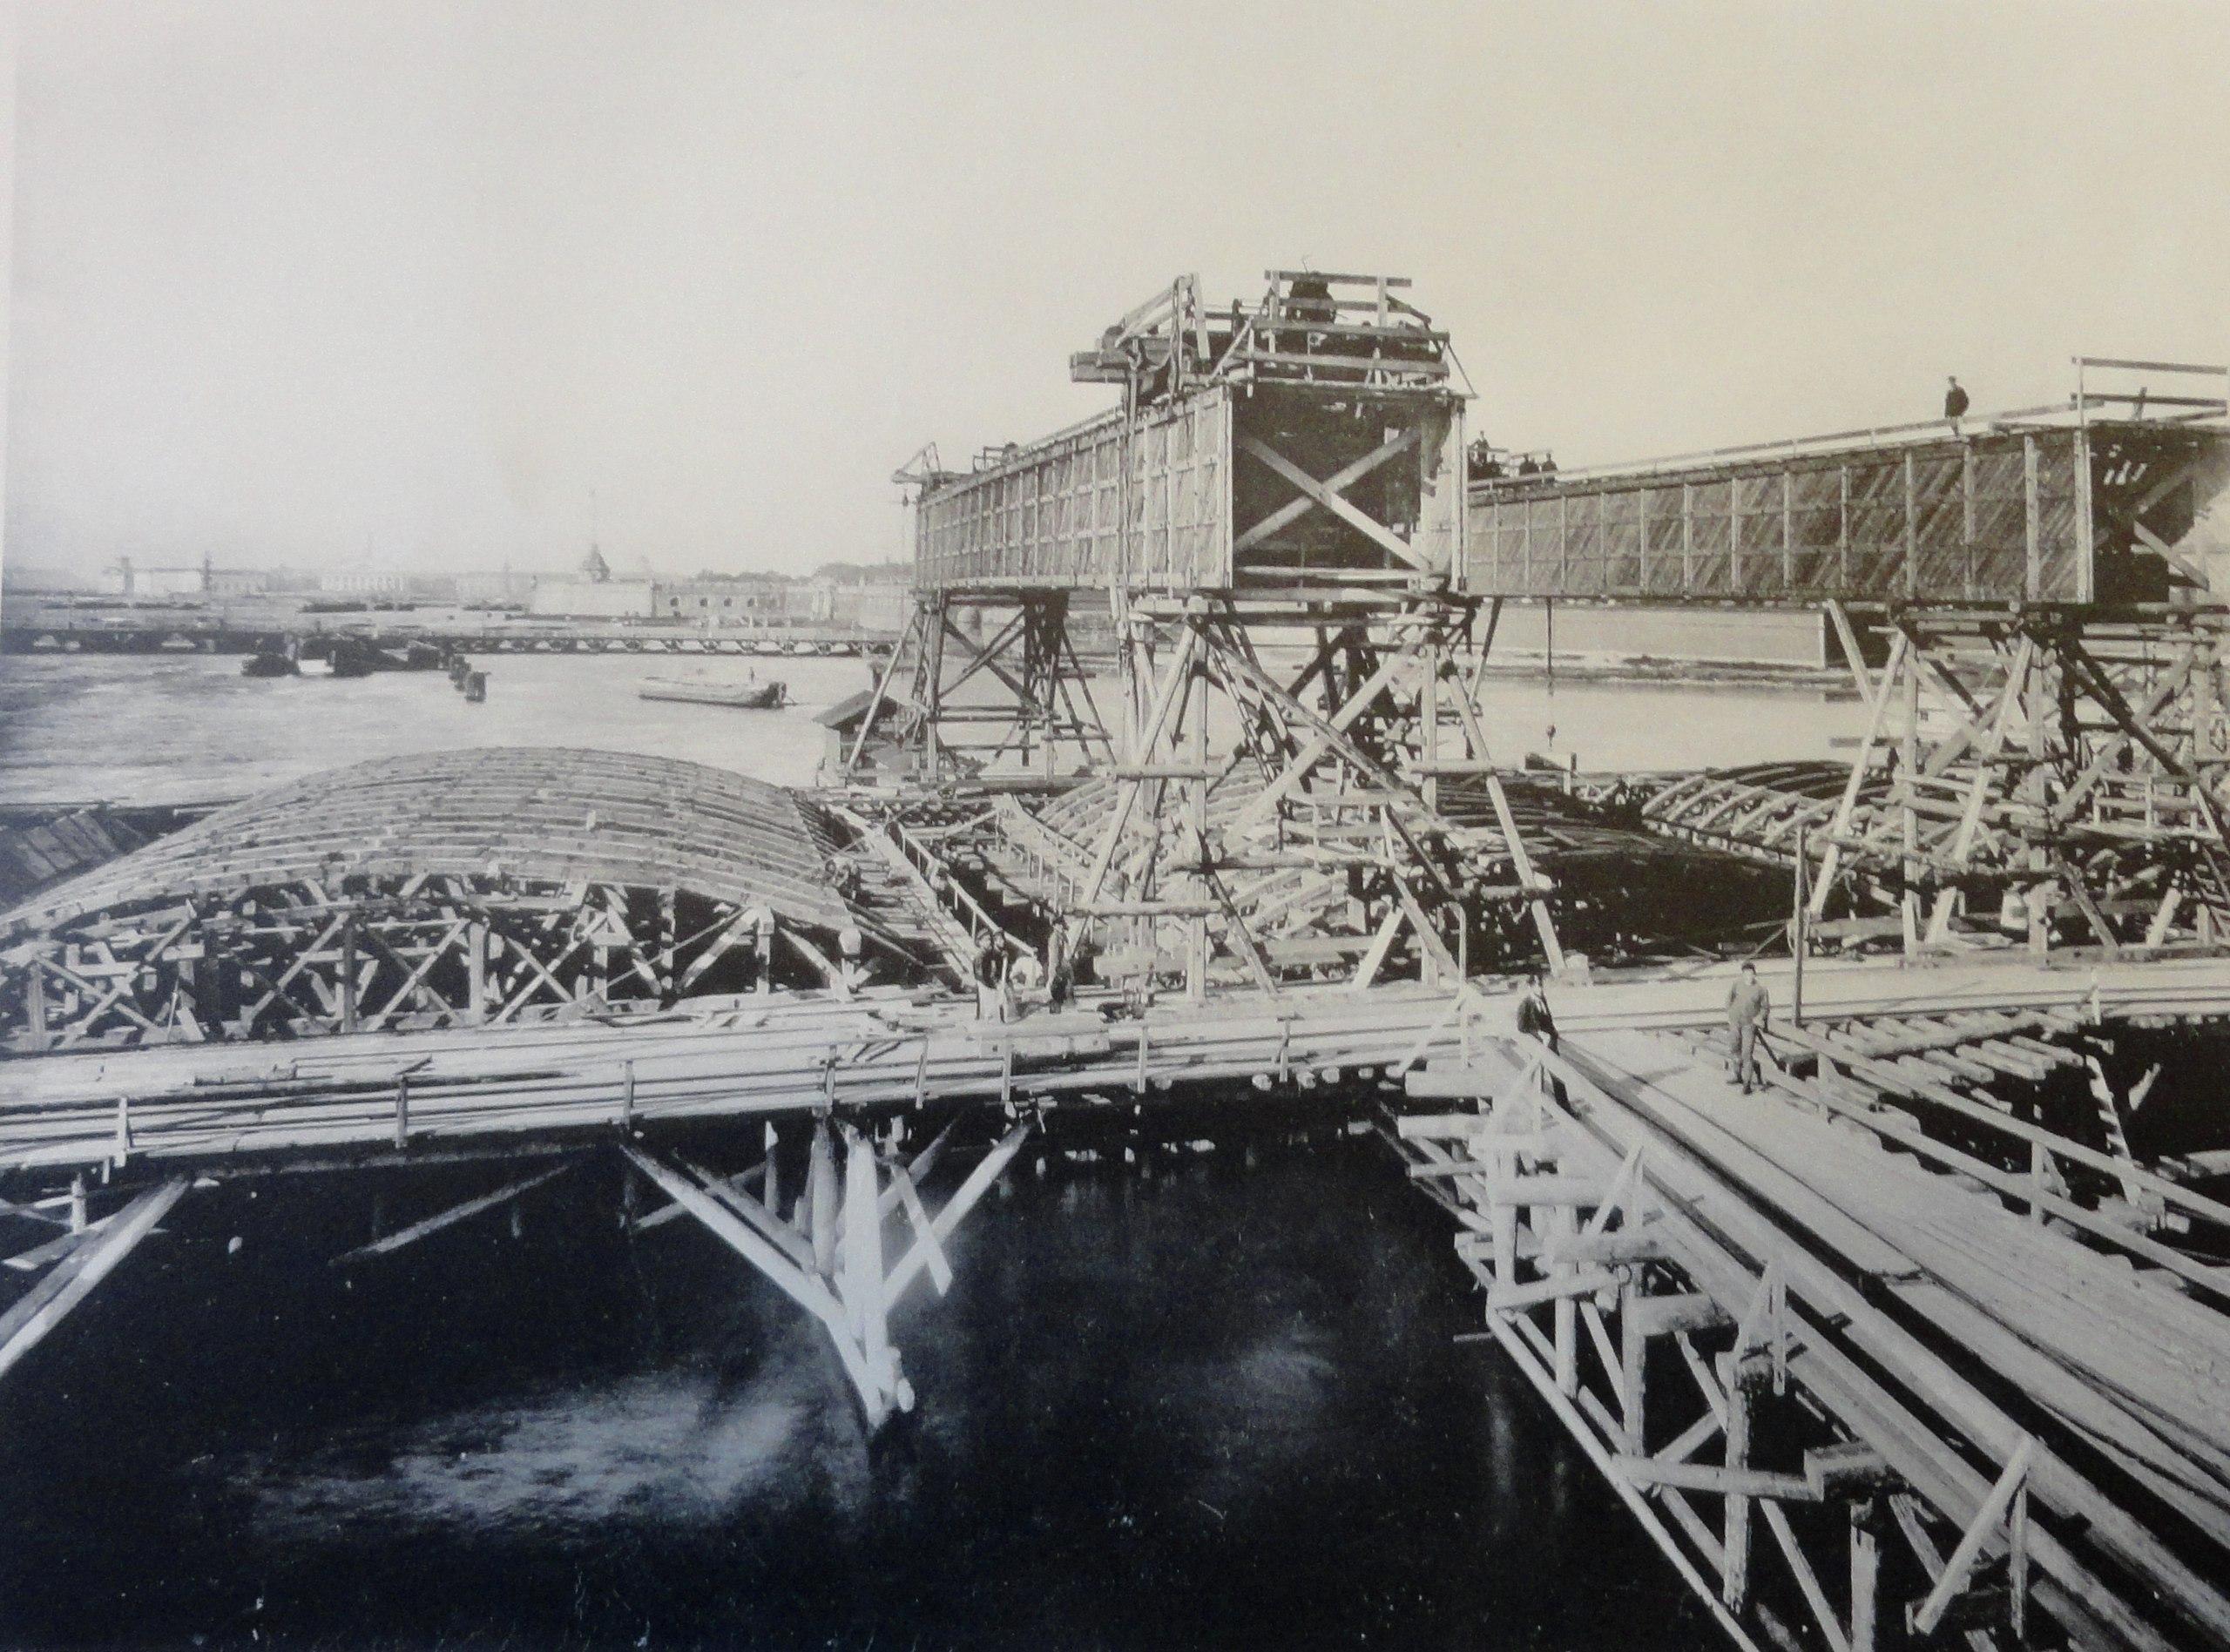 1902. Кружала для сводов дамбы и мостовые краны (системы Лембке) для укладки сводовых камней.Осень